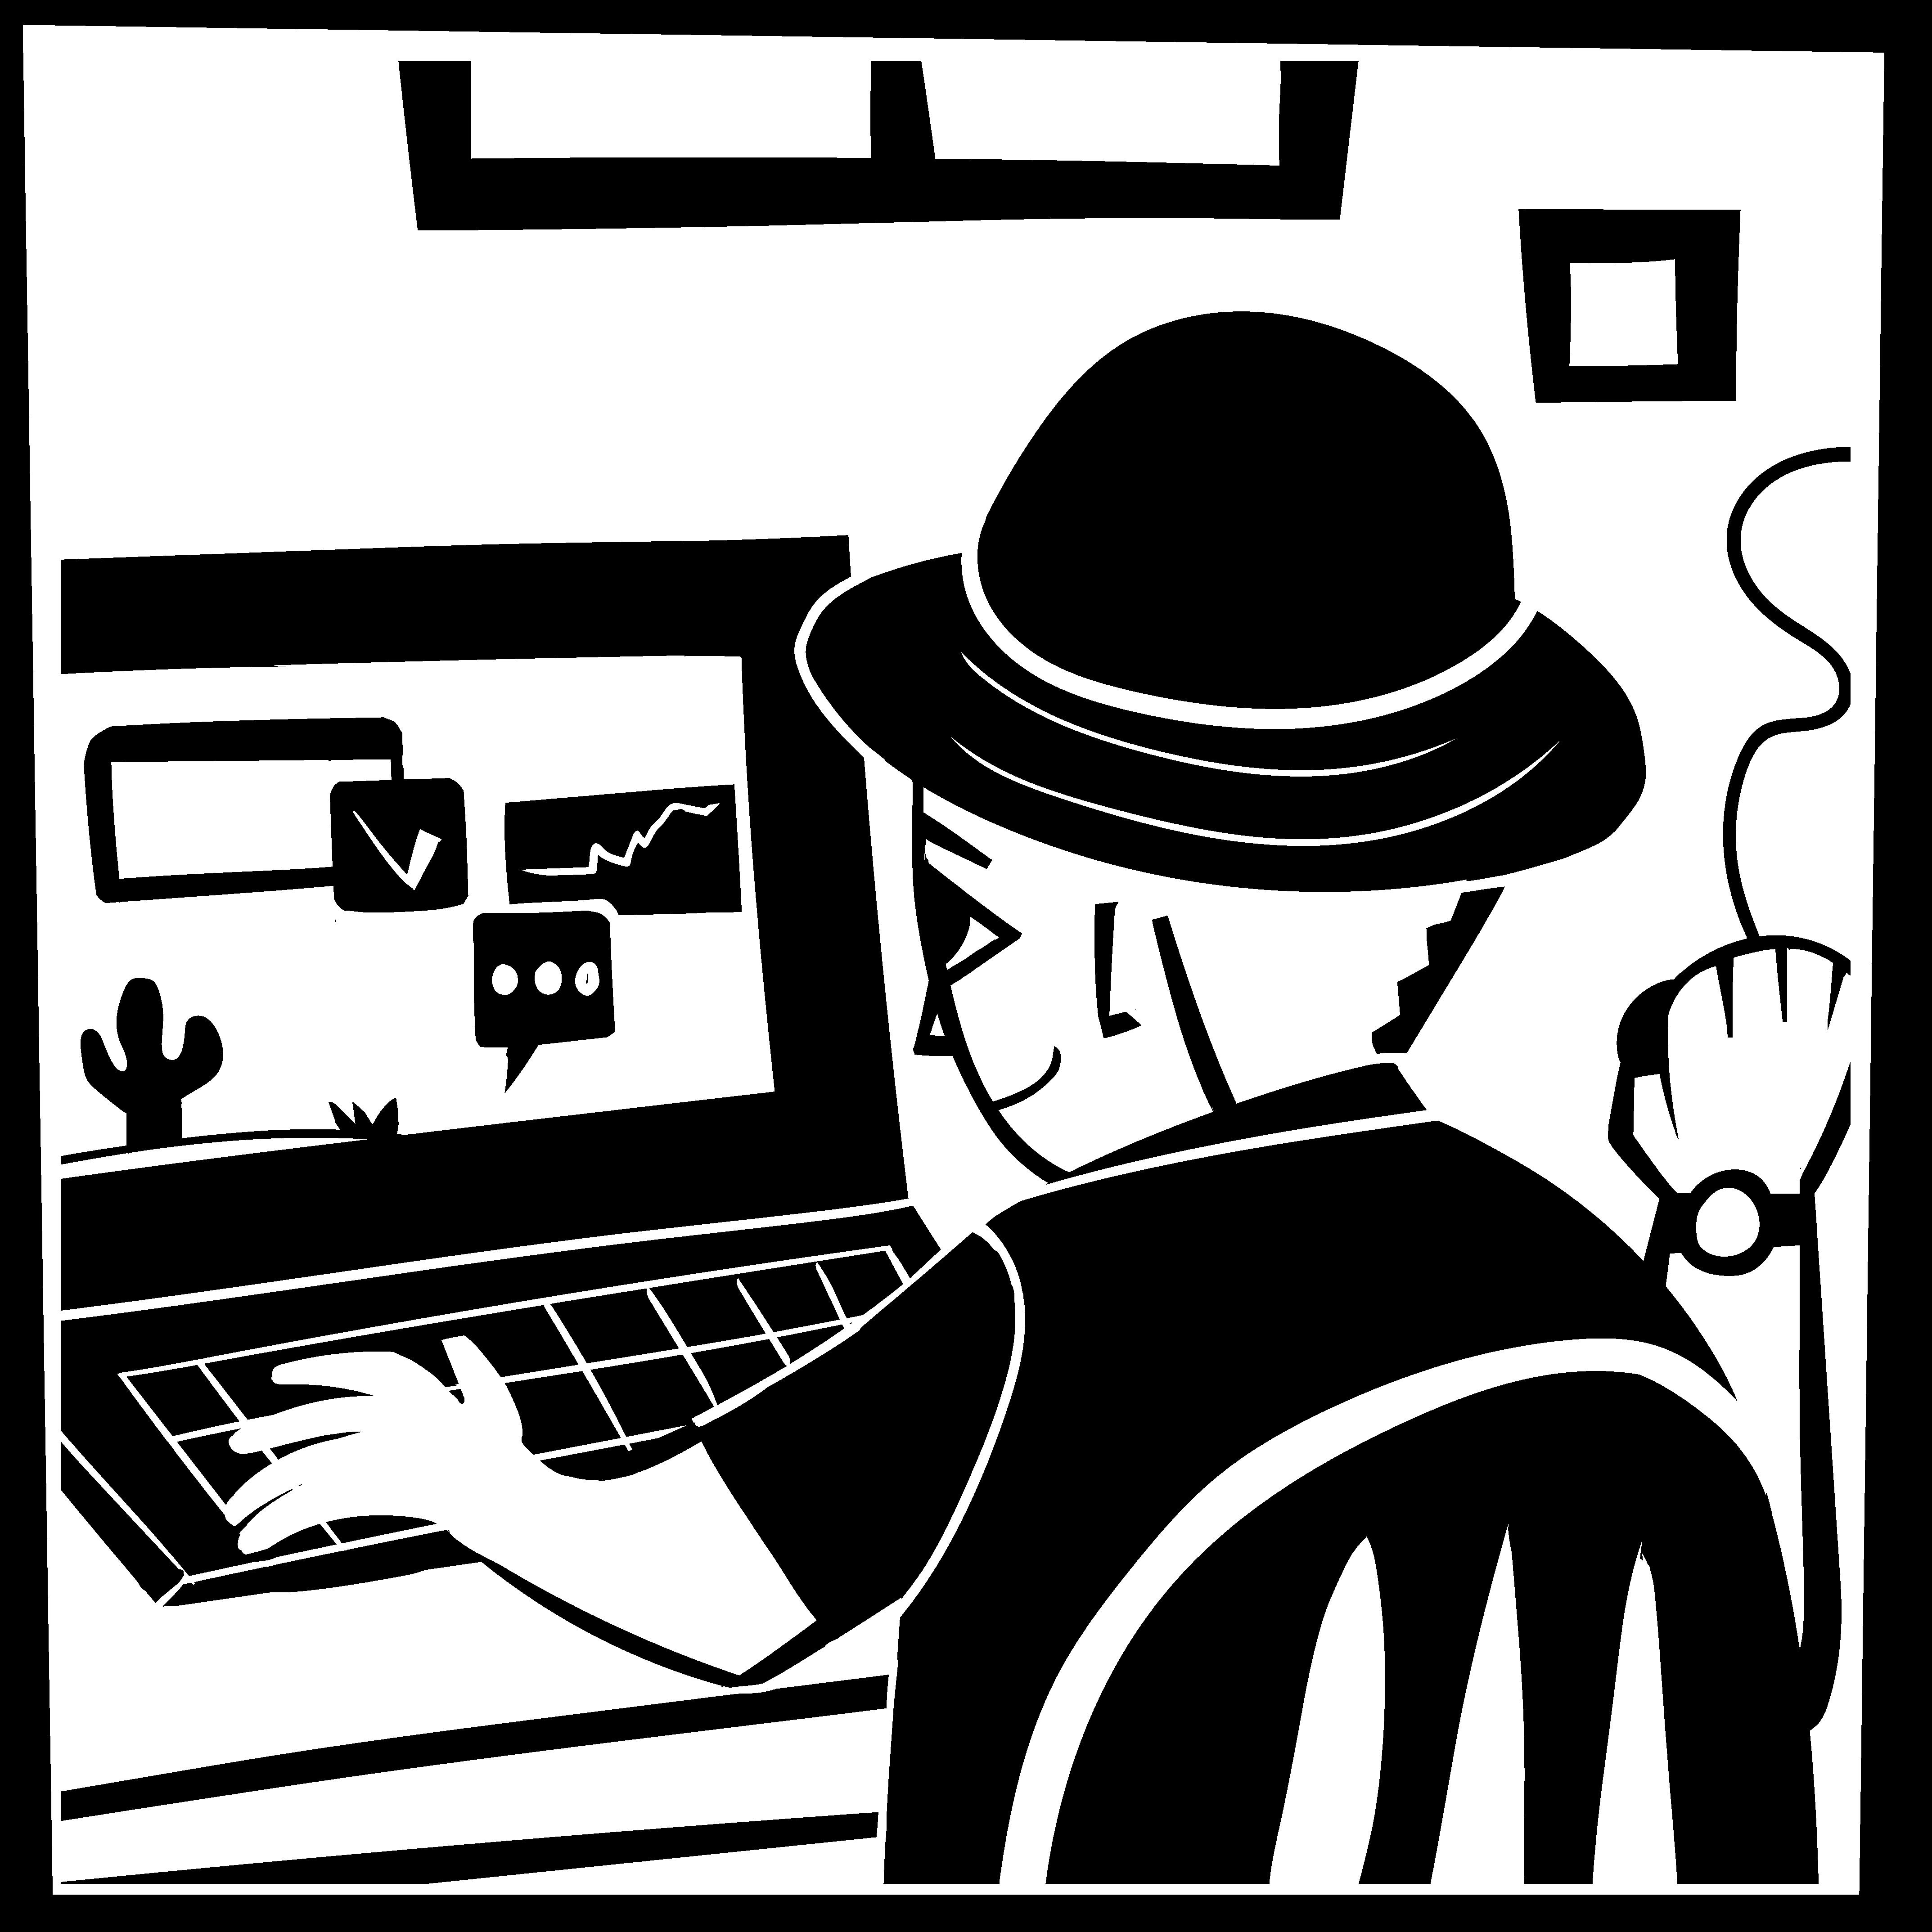 </p> <p><center>Experimente aprender online e saiba mais sobre sites, aplicativos e lojas virtuais!</center>